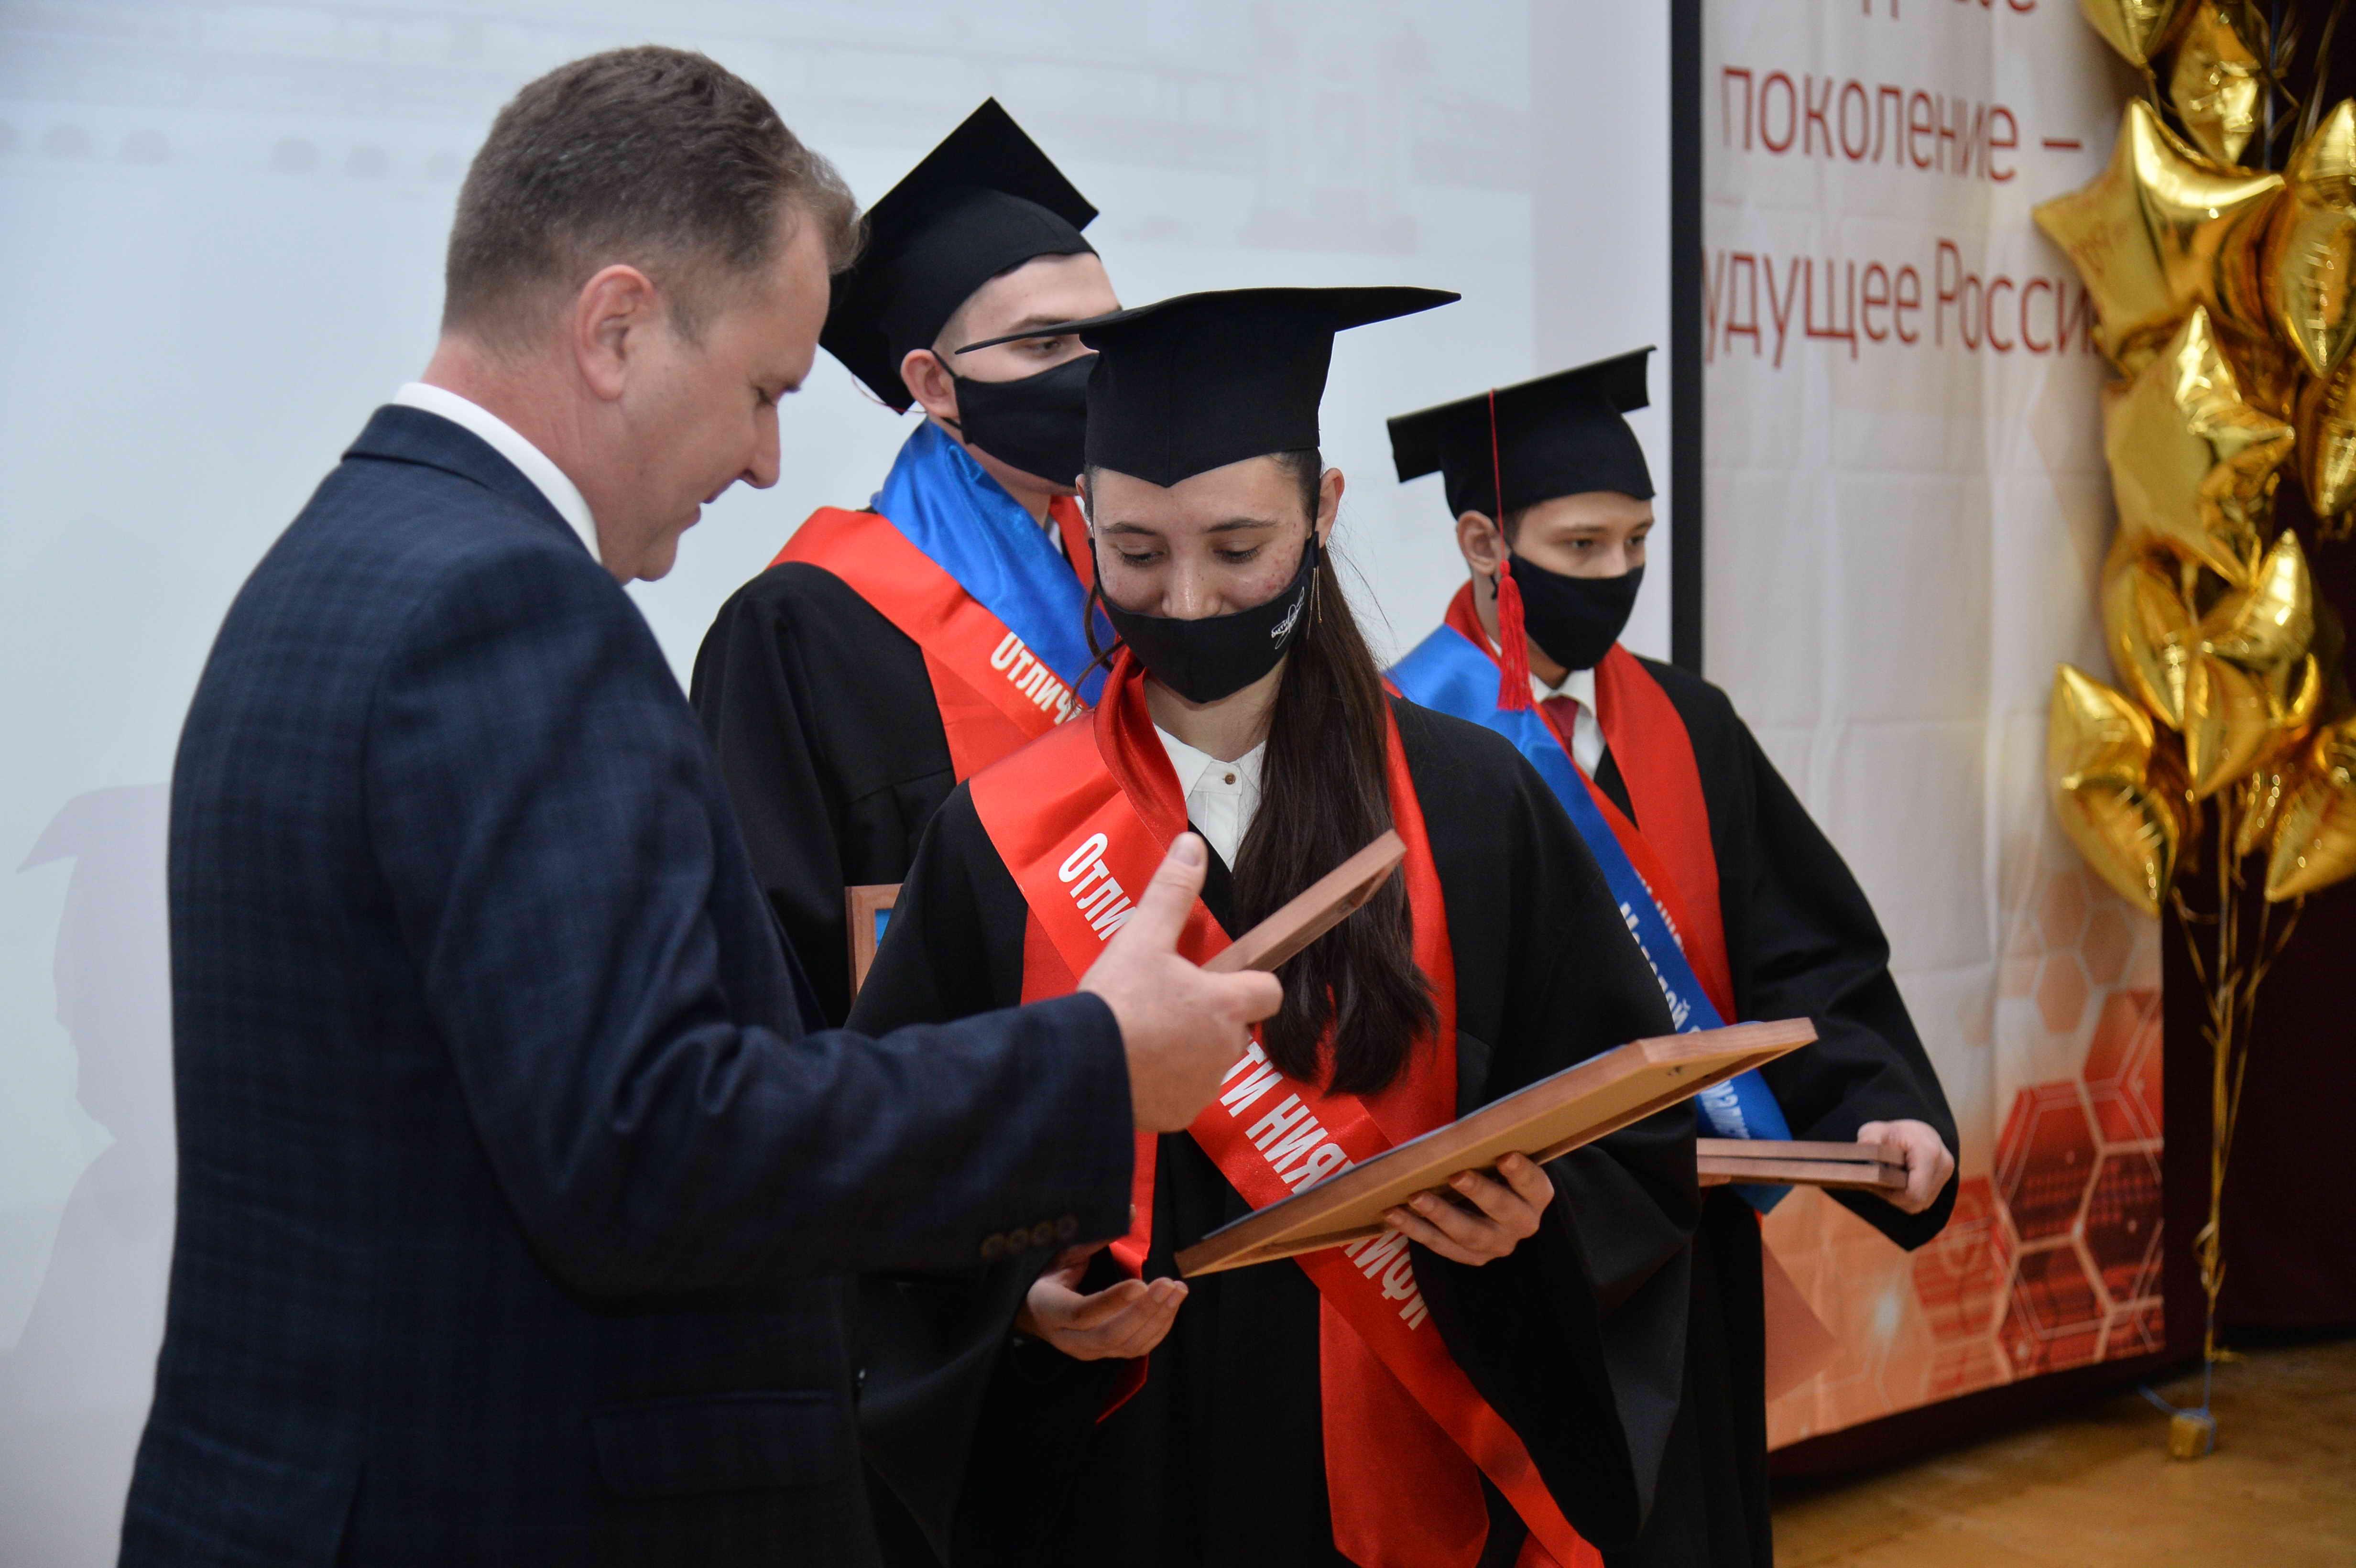 17 выпускников ВИТИ НИЯУ МИФИ получили приглашение на работу на Ростовскую АЭС